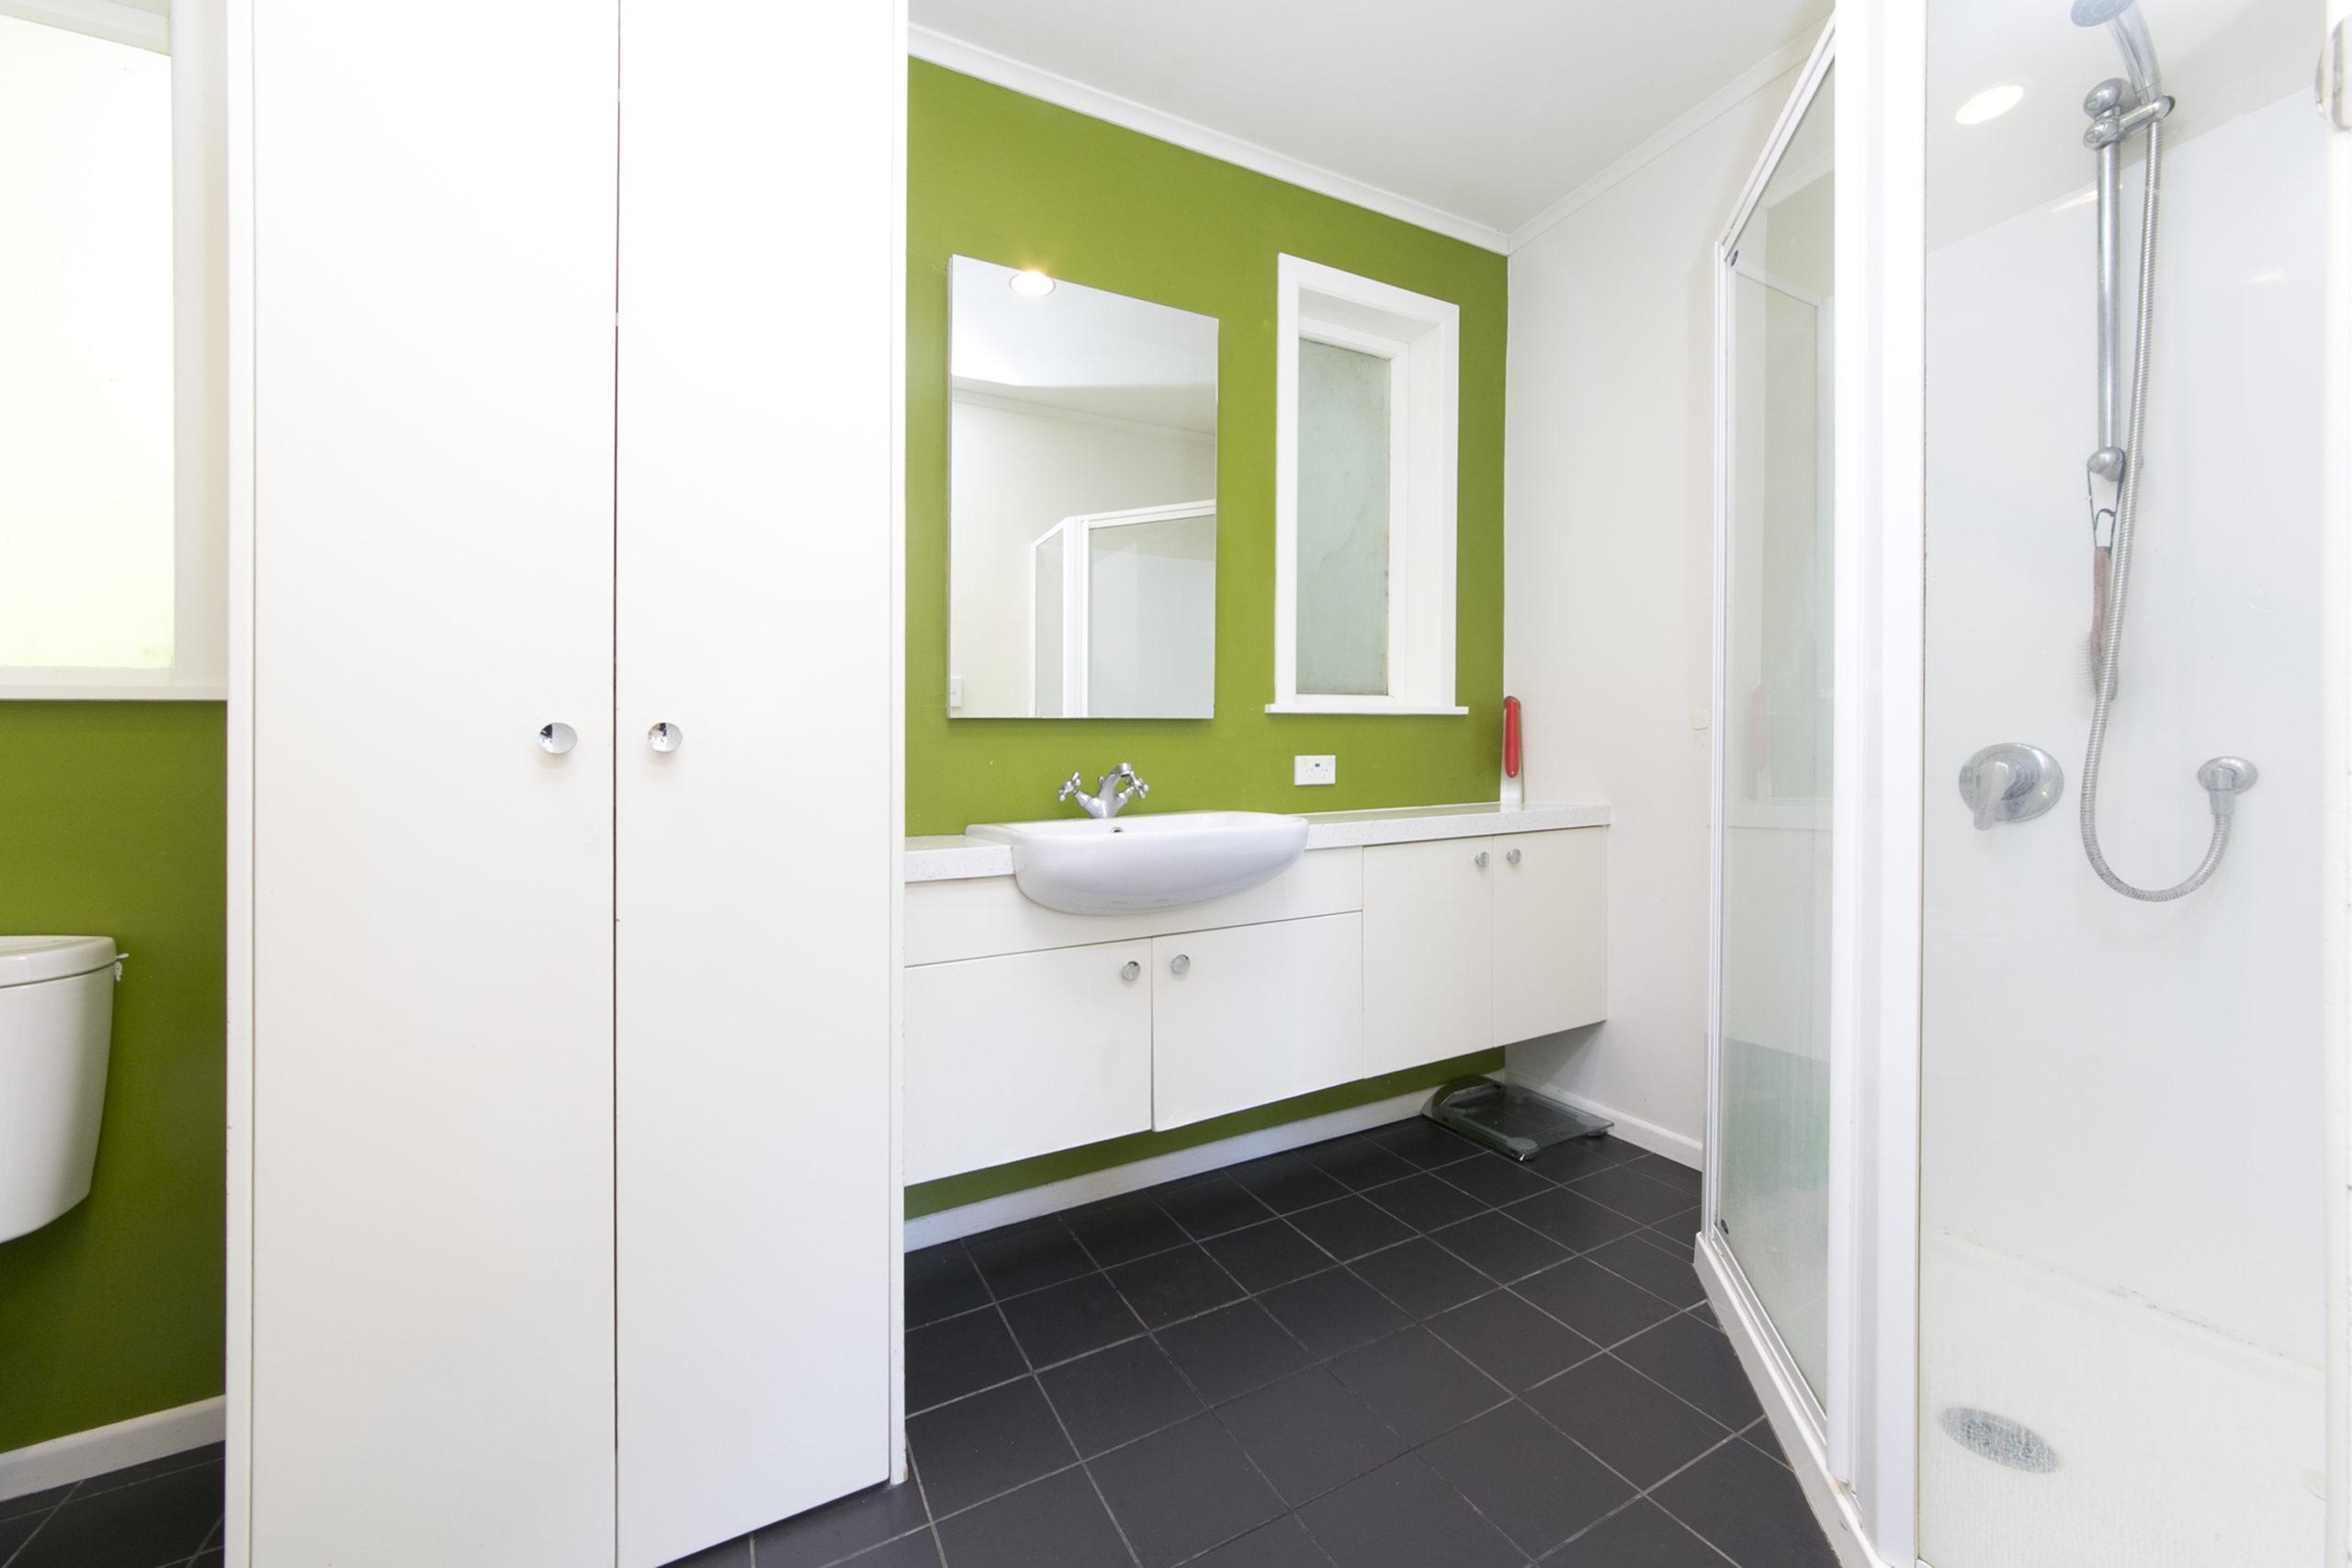 tanekaha bathroom.jpg